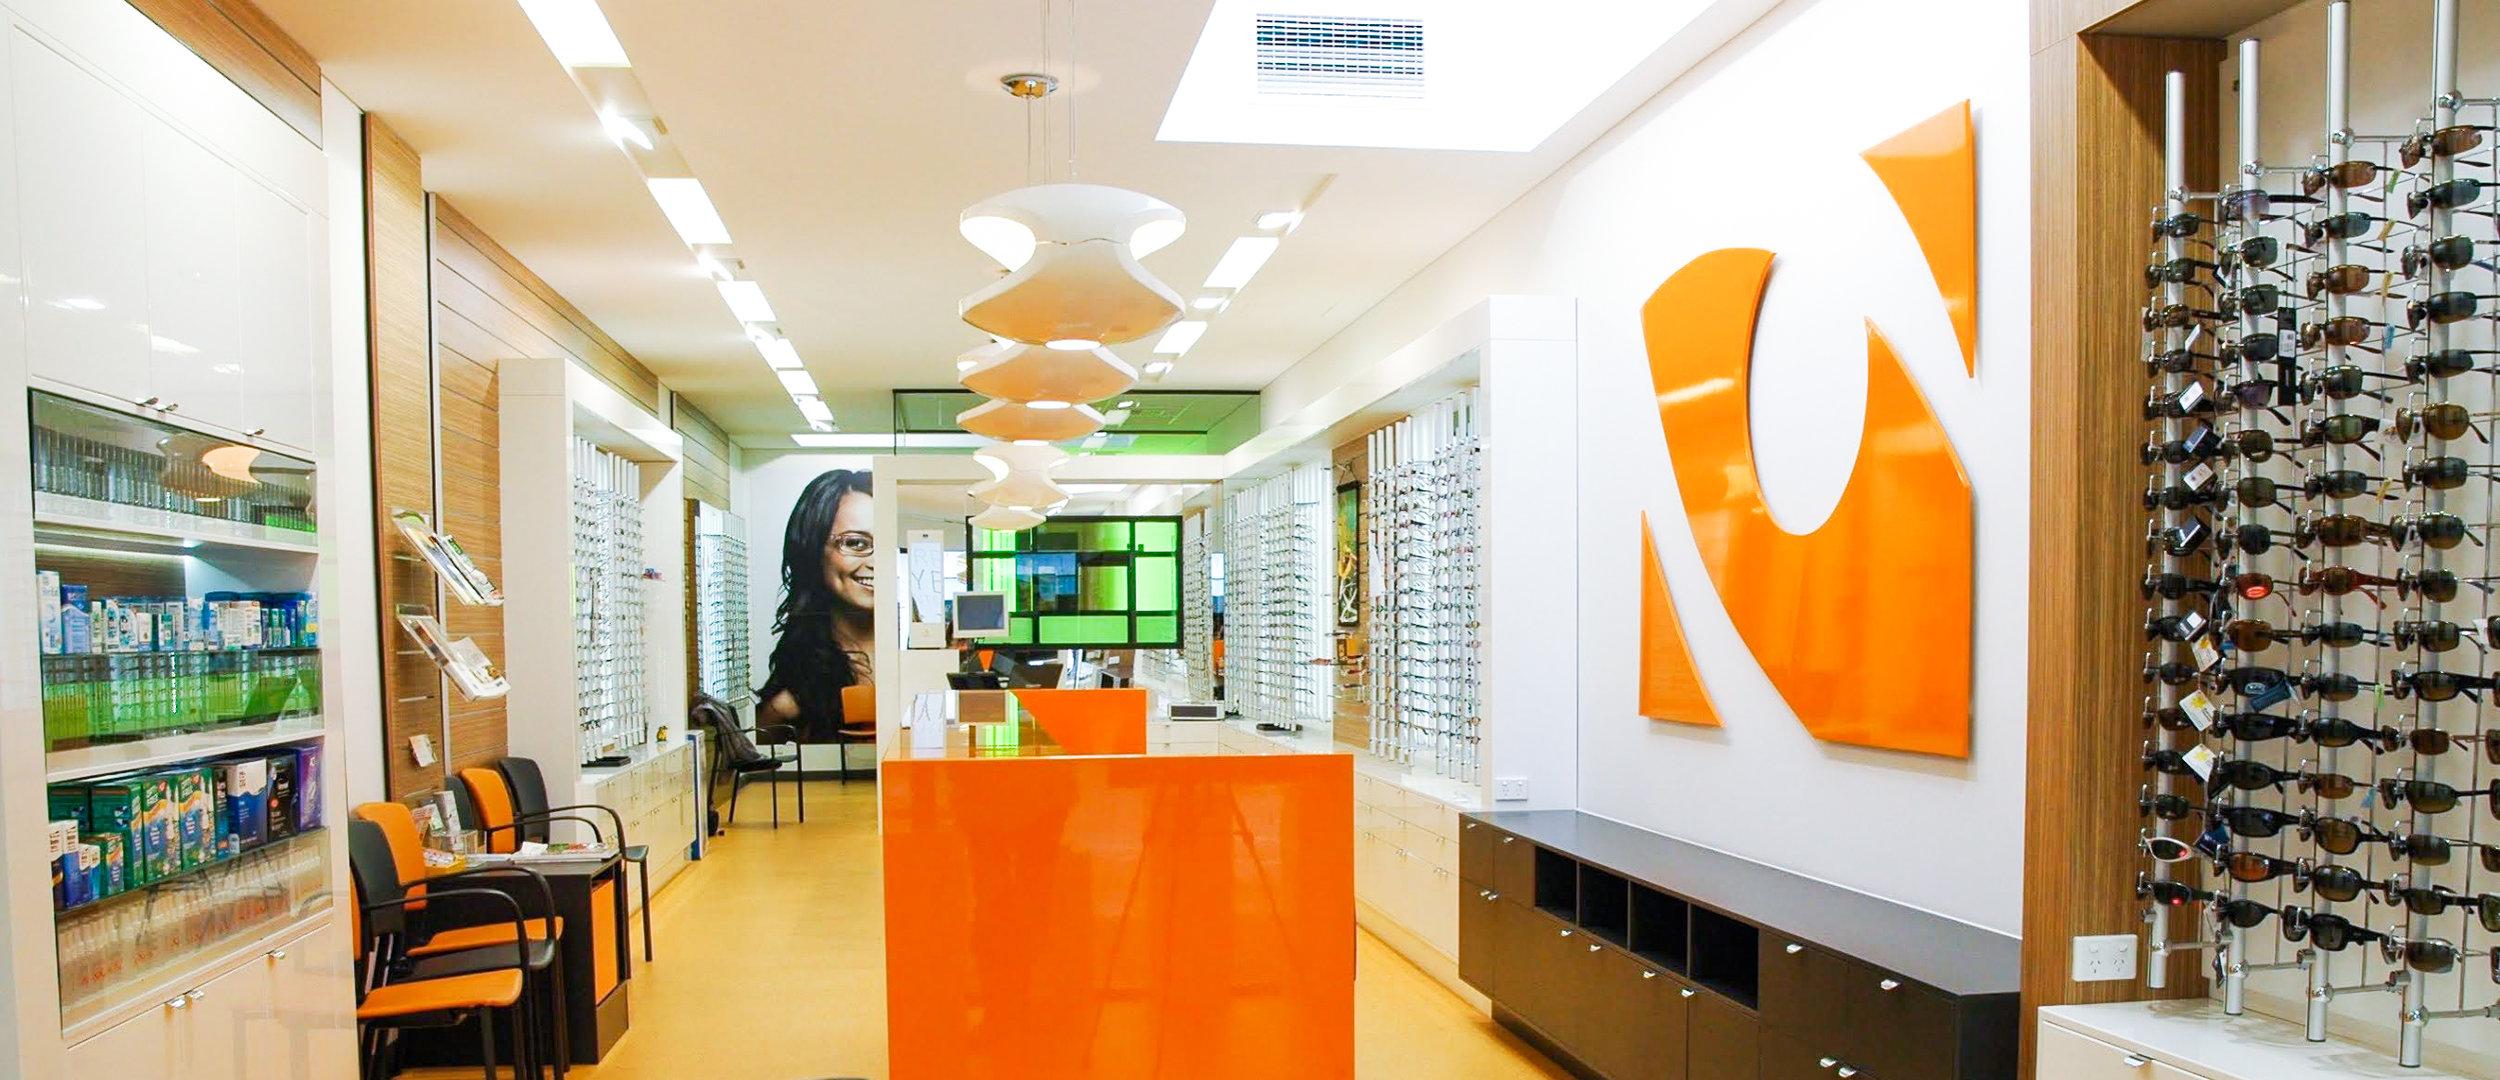 20e3b74383 Eyre Eye Centre  Eyecare